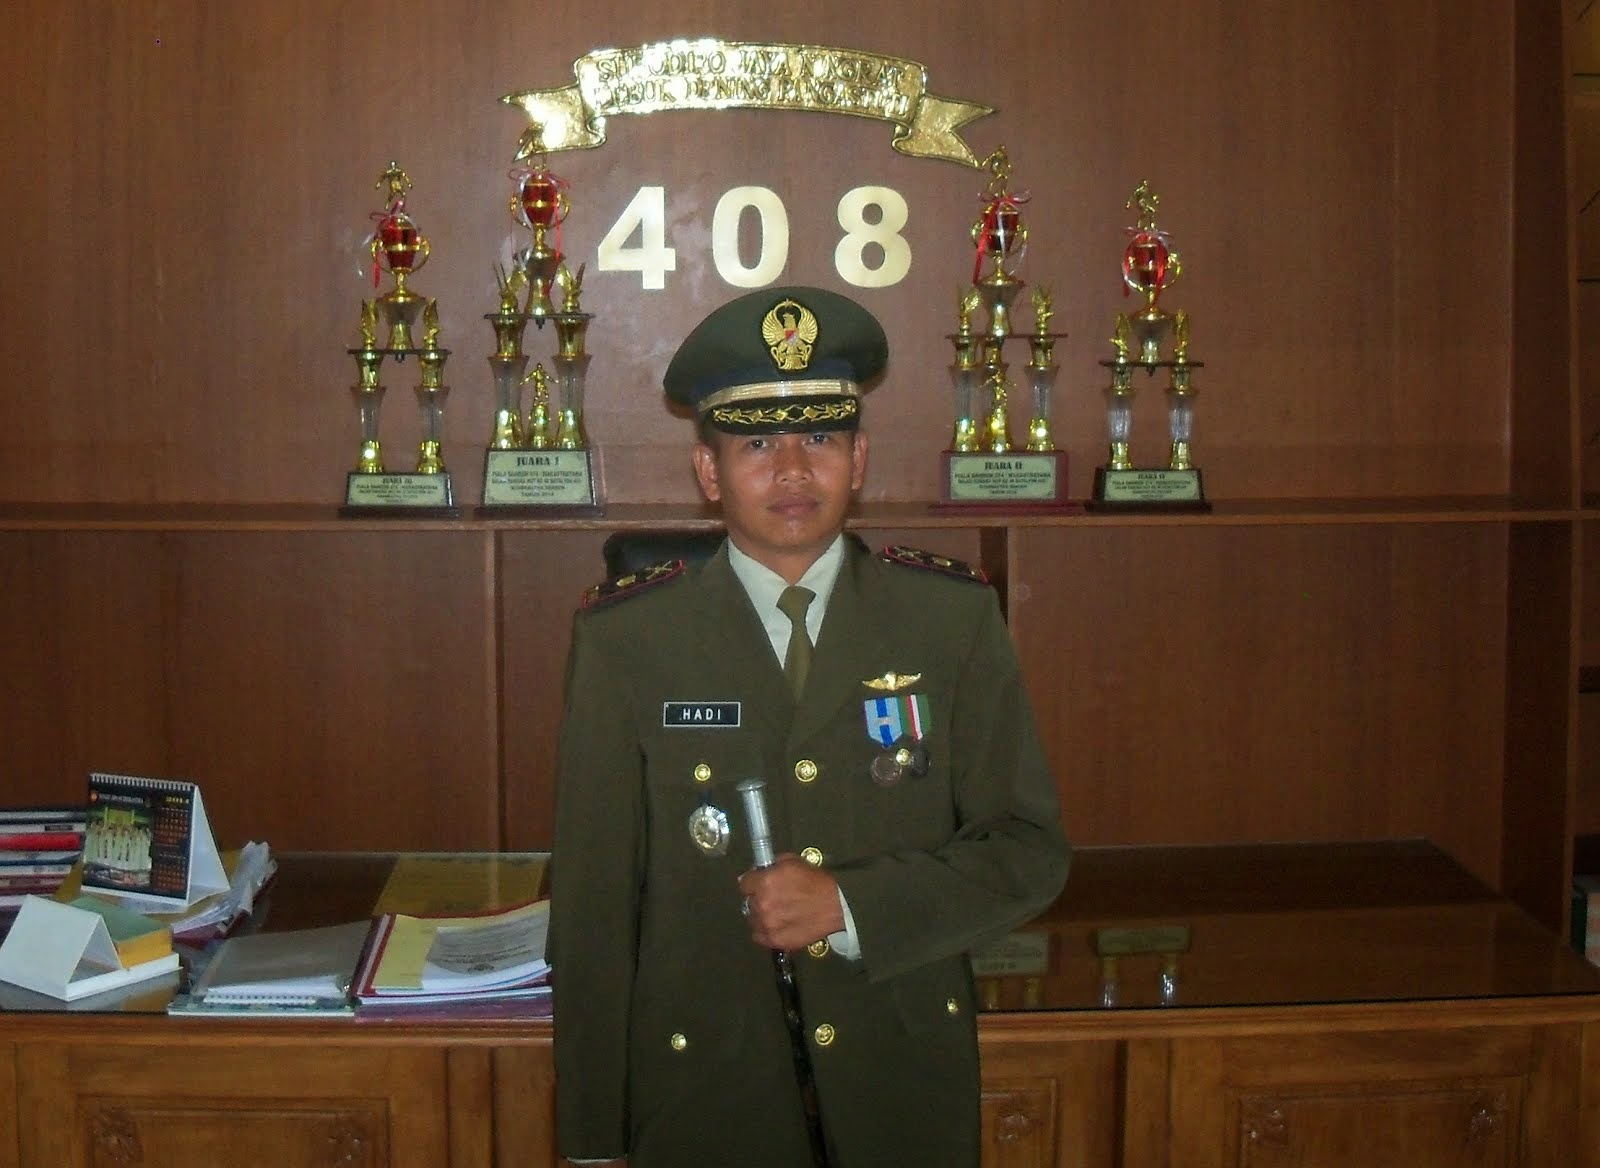 Danyonif 408/Suhbrastha